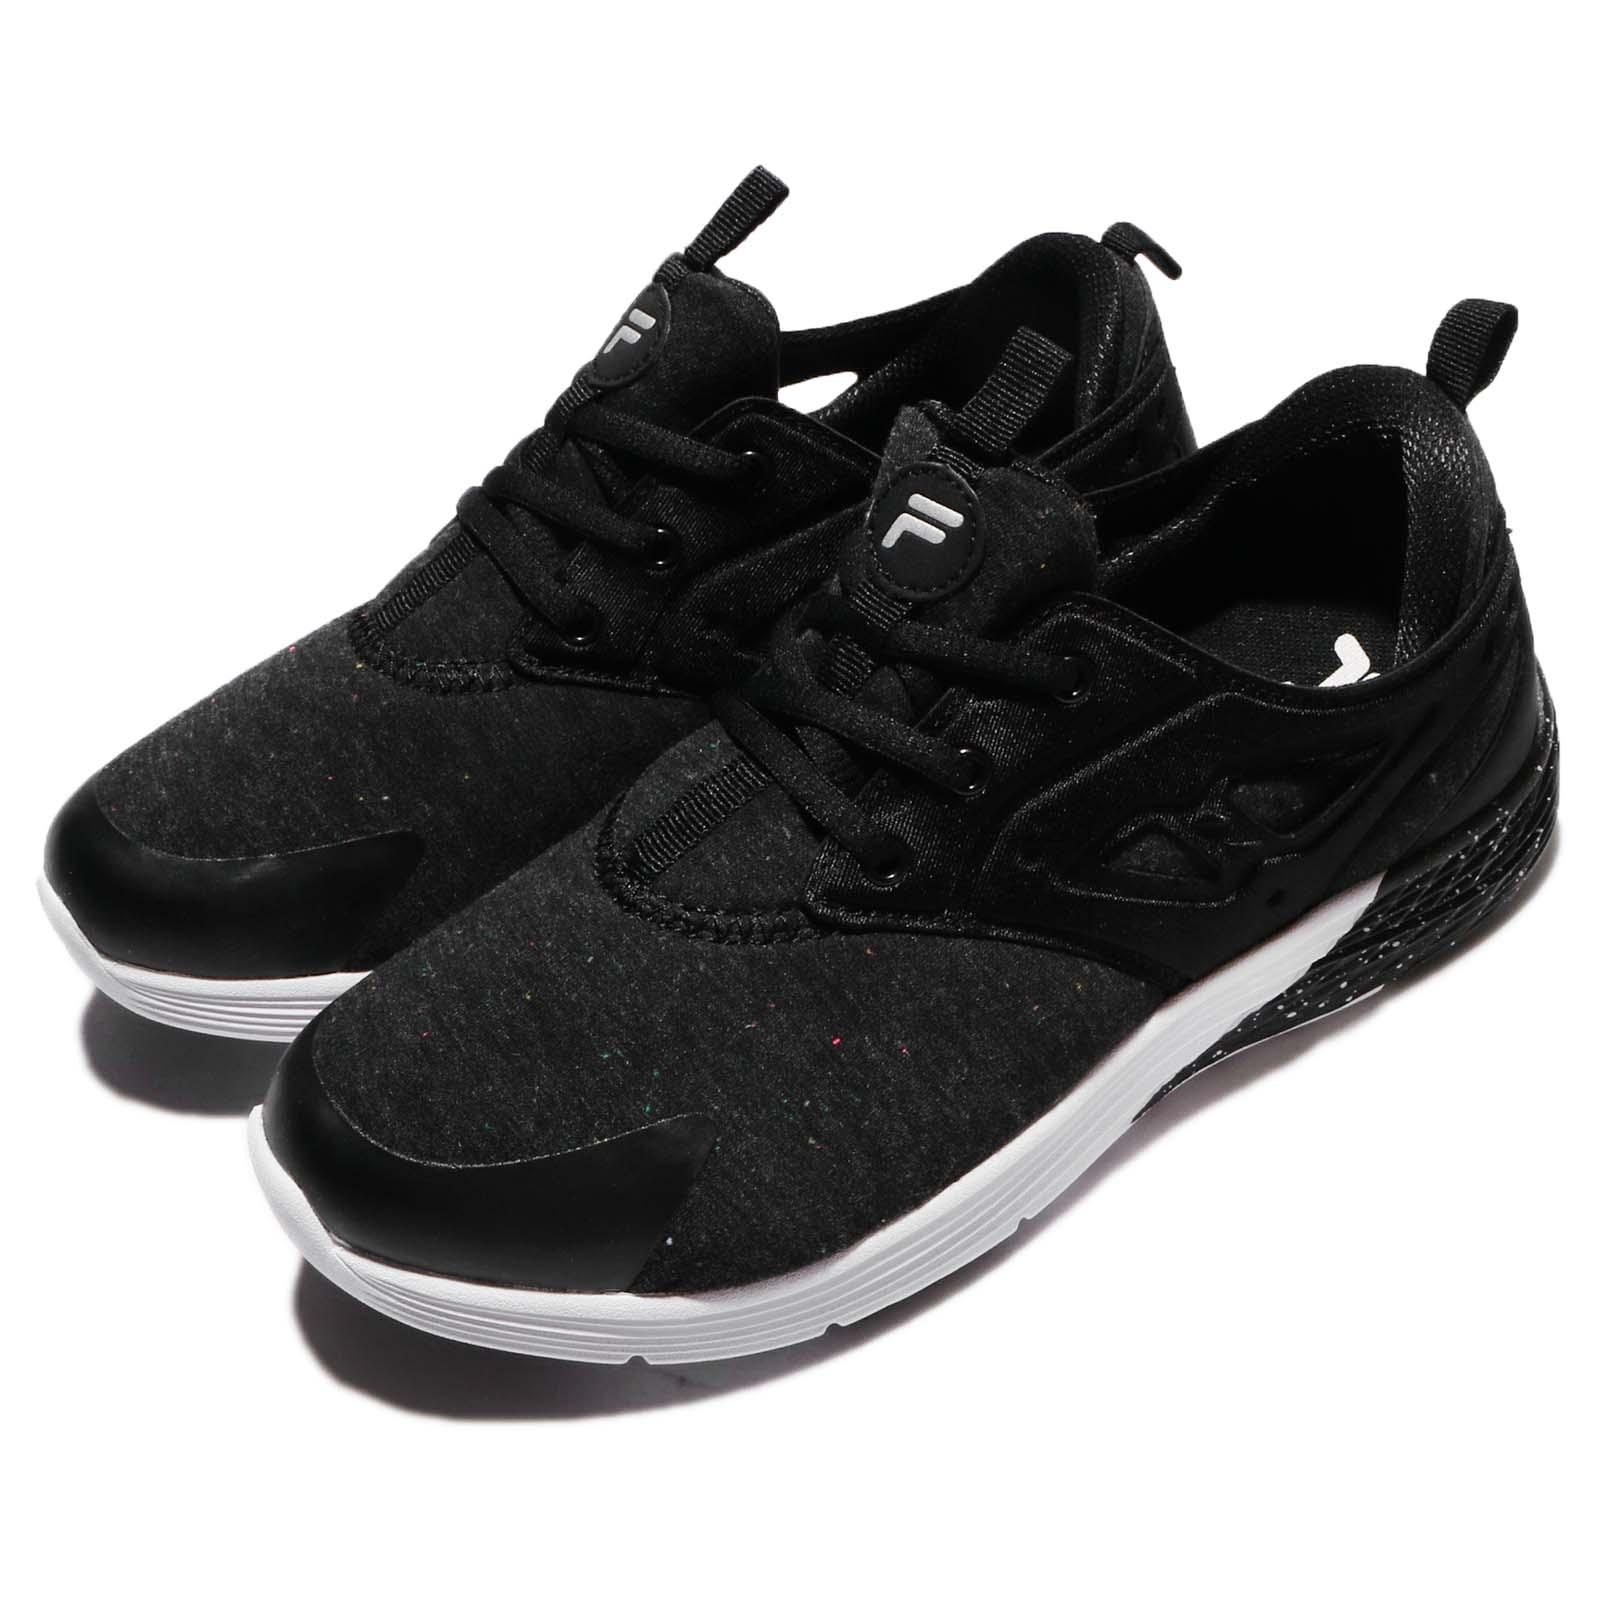 Fila 慢跑鞋 X903R 輕量 女鞋 5X903R001